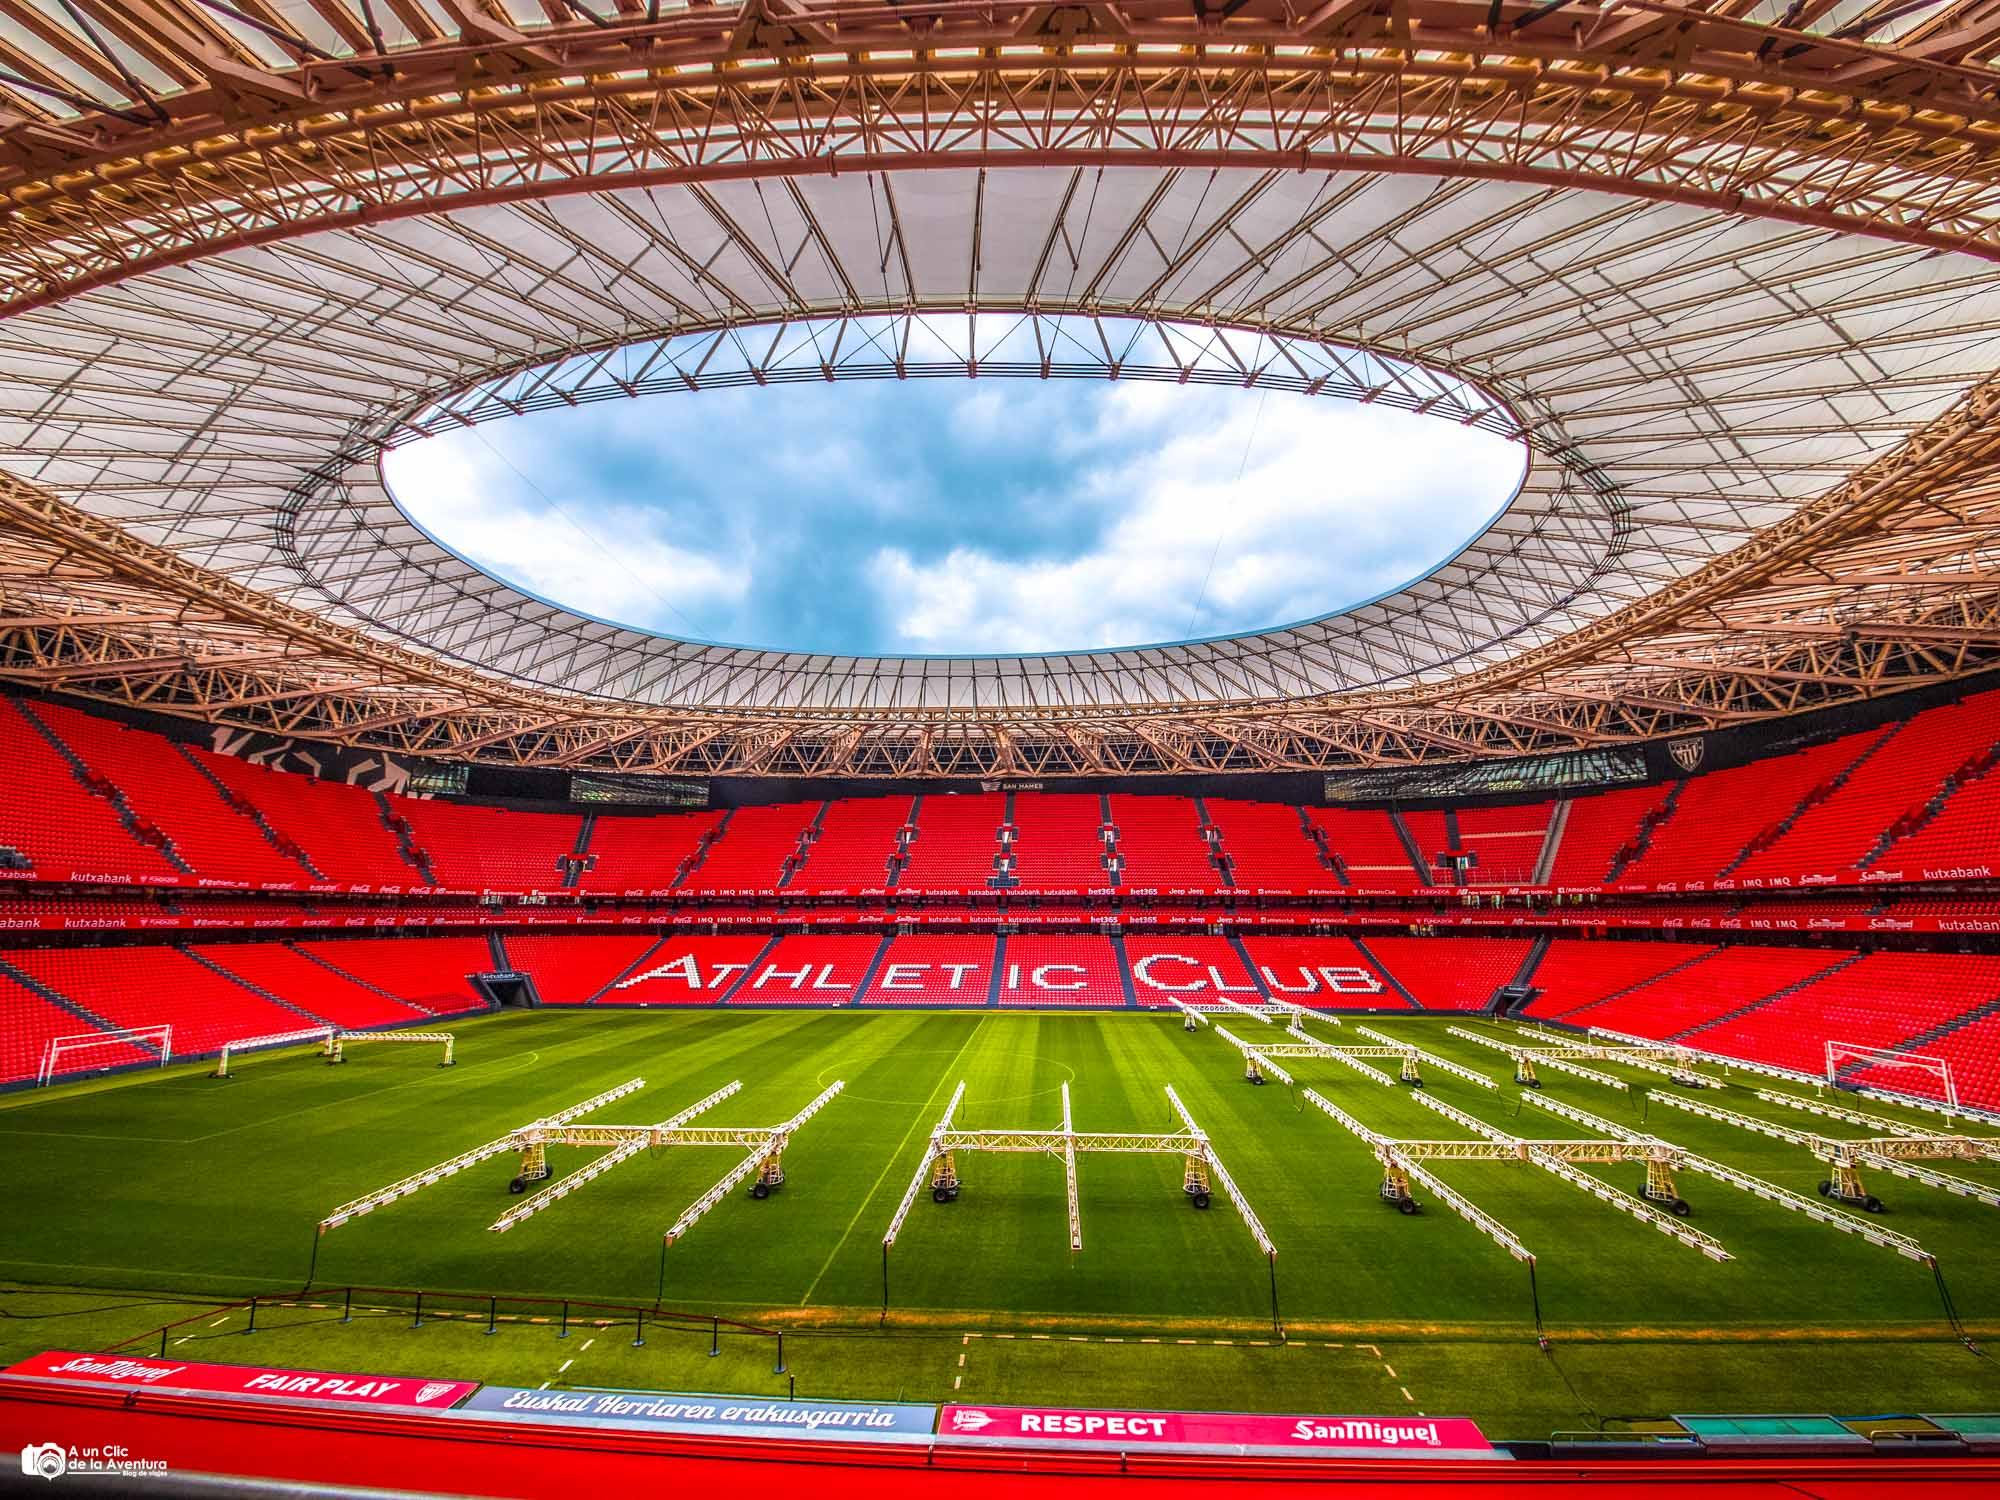 Estadio de fútbol de San Mamés, Bilbao con niños